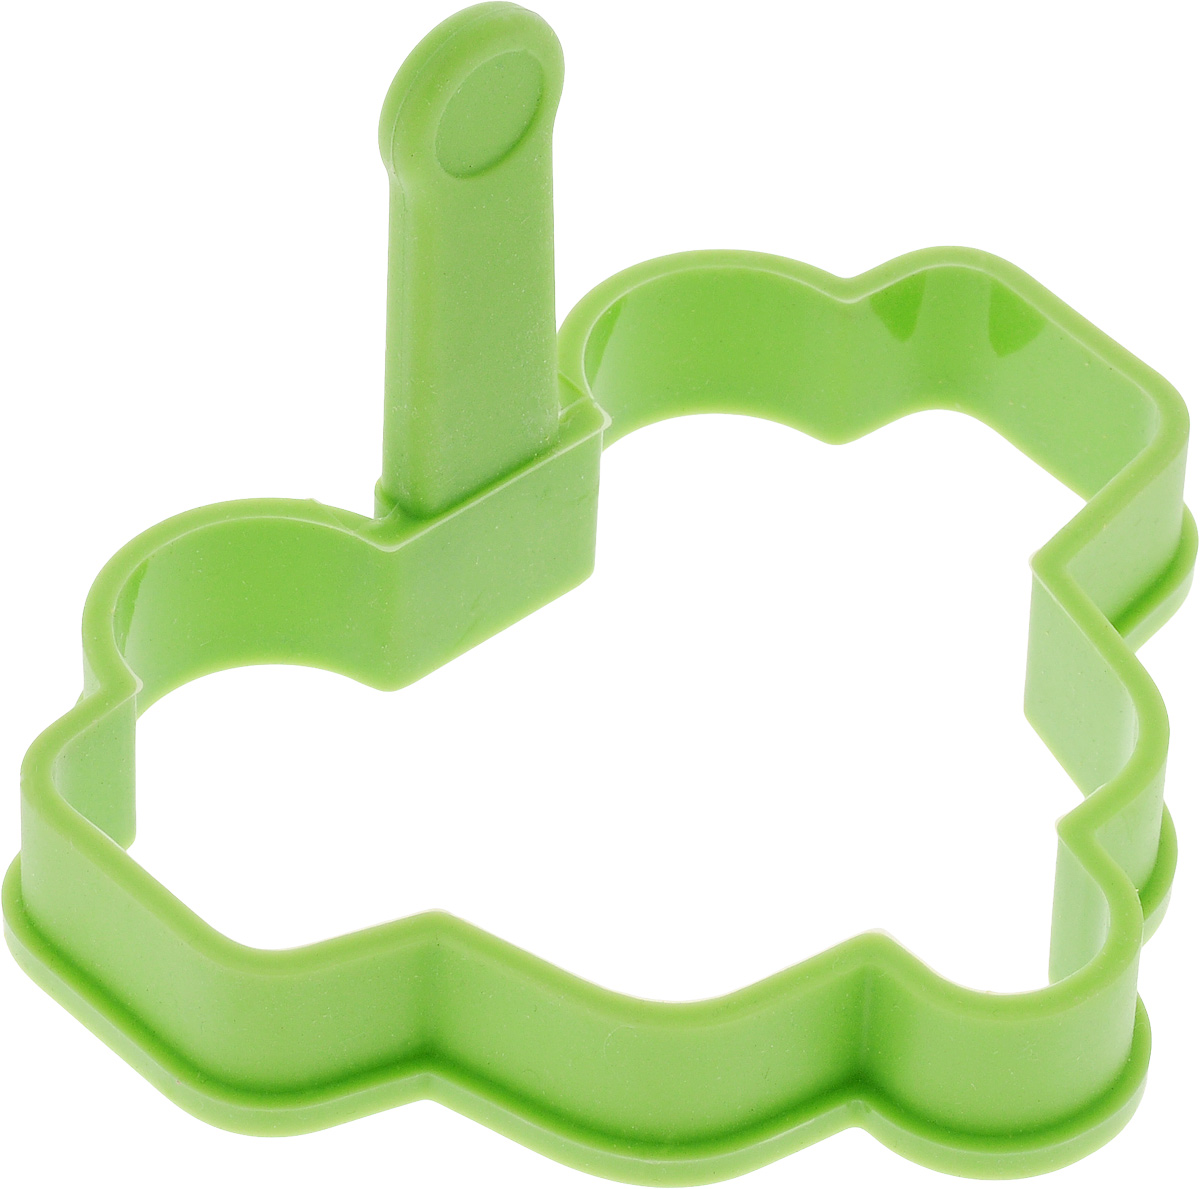 Форма для выпечки Tescoma Delicia Kids. Машинка, 12 х 11 см94672Форма для выпечки Tescoma Delicia Kids. Машинка изготовлена из высококачественного термостойкого силикона, который выдерживает температуру от -40°С до +230°С. Форма идеально подойдет для приготовления глазуньи, омлета, оладьев или драников на сковороде или в духовке, а также для приготовления желе, пудингов. Оснащена удобной ручкой.Можно мыть в посудомоечной машине, использовать в СВЧ-печи и духовке.